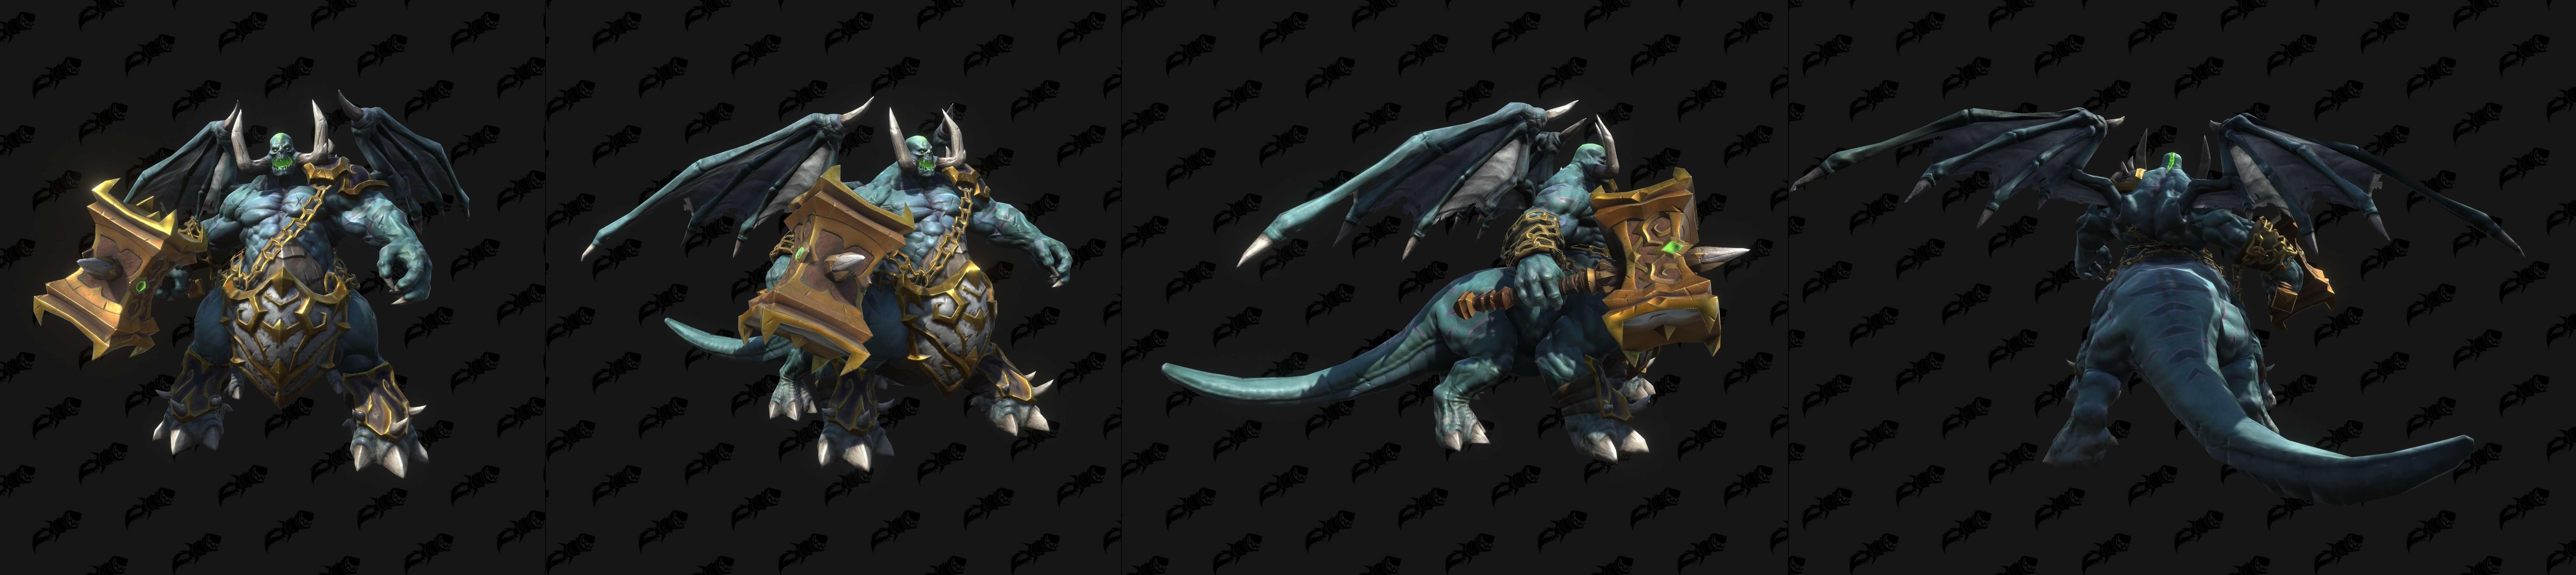 Модели демонов и связанных с ними юнитов из Warcraft III: Reforged